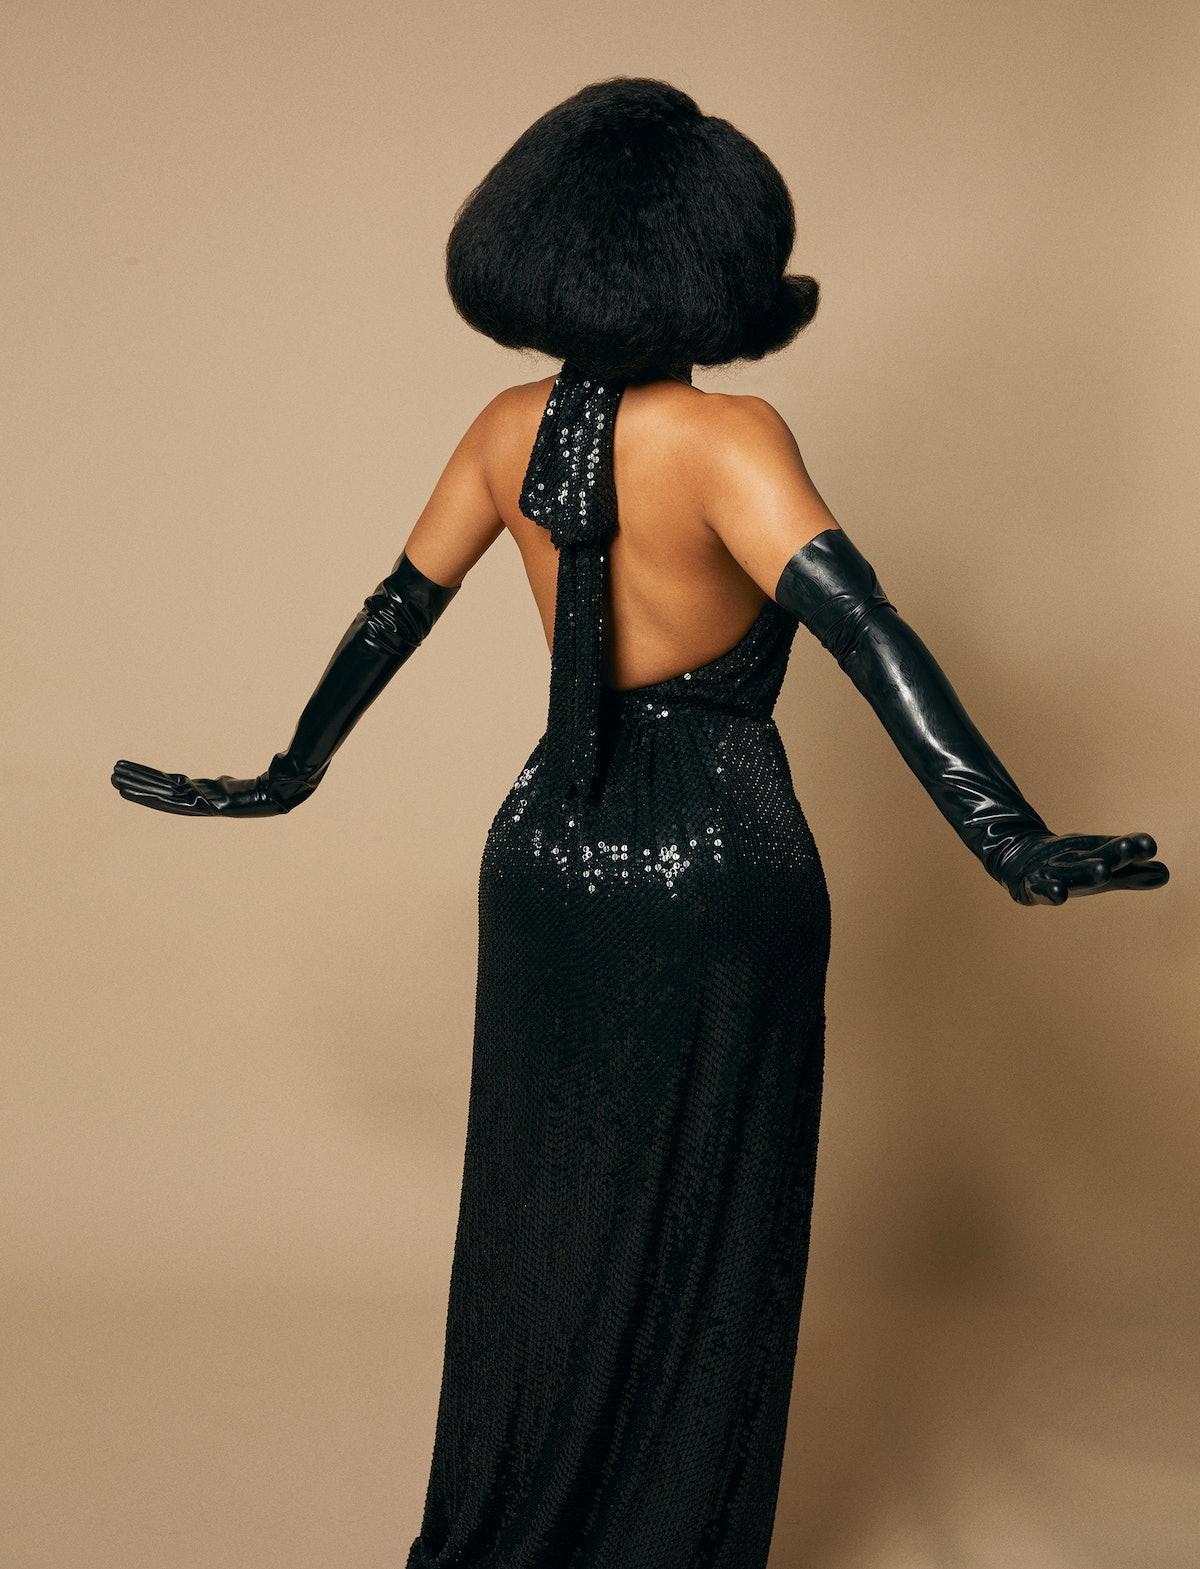 Saweetie in black Celine by Hedi Slimane dress